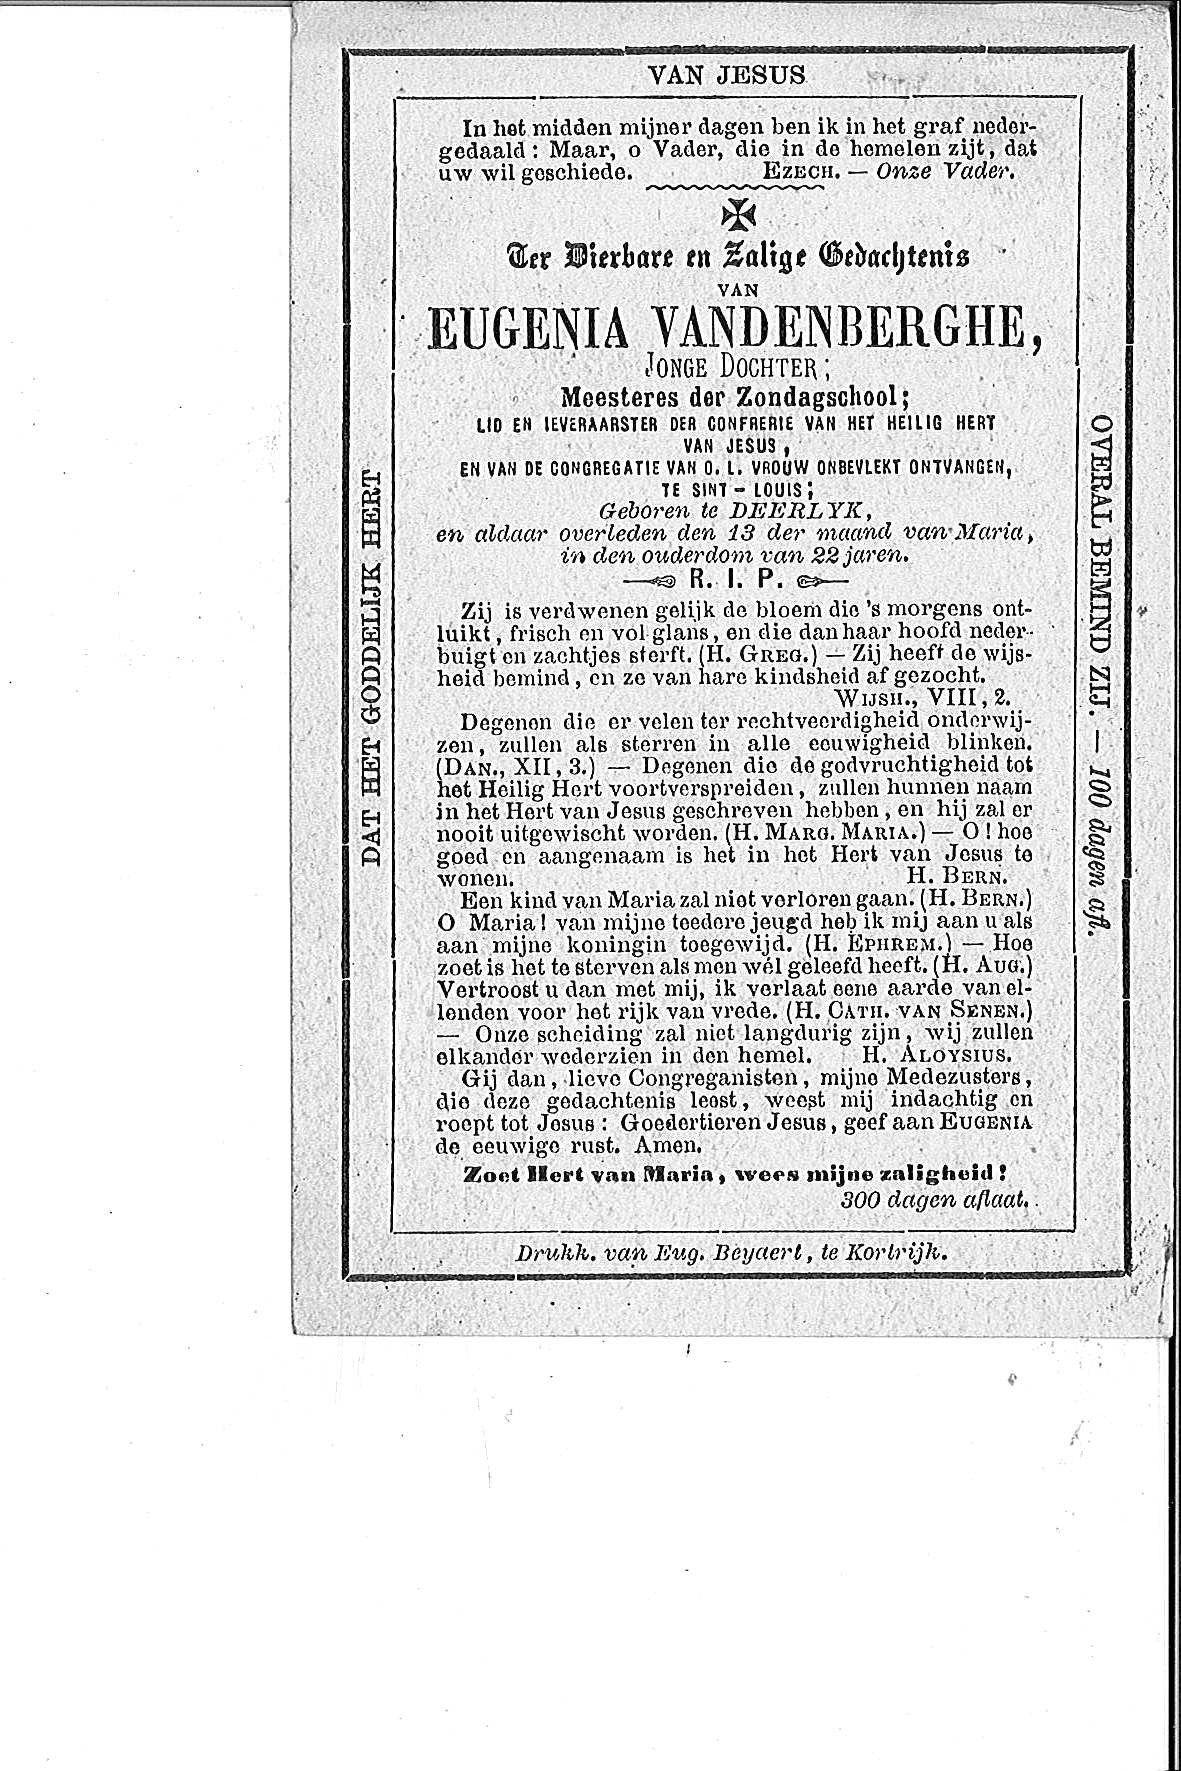 Eugenia()20150803081045_00095.jpg